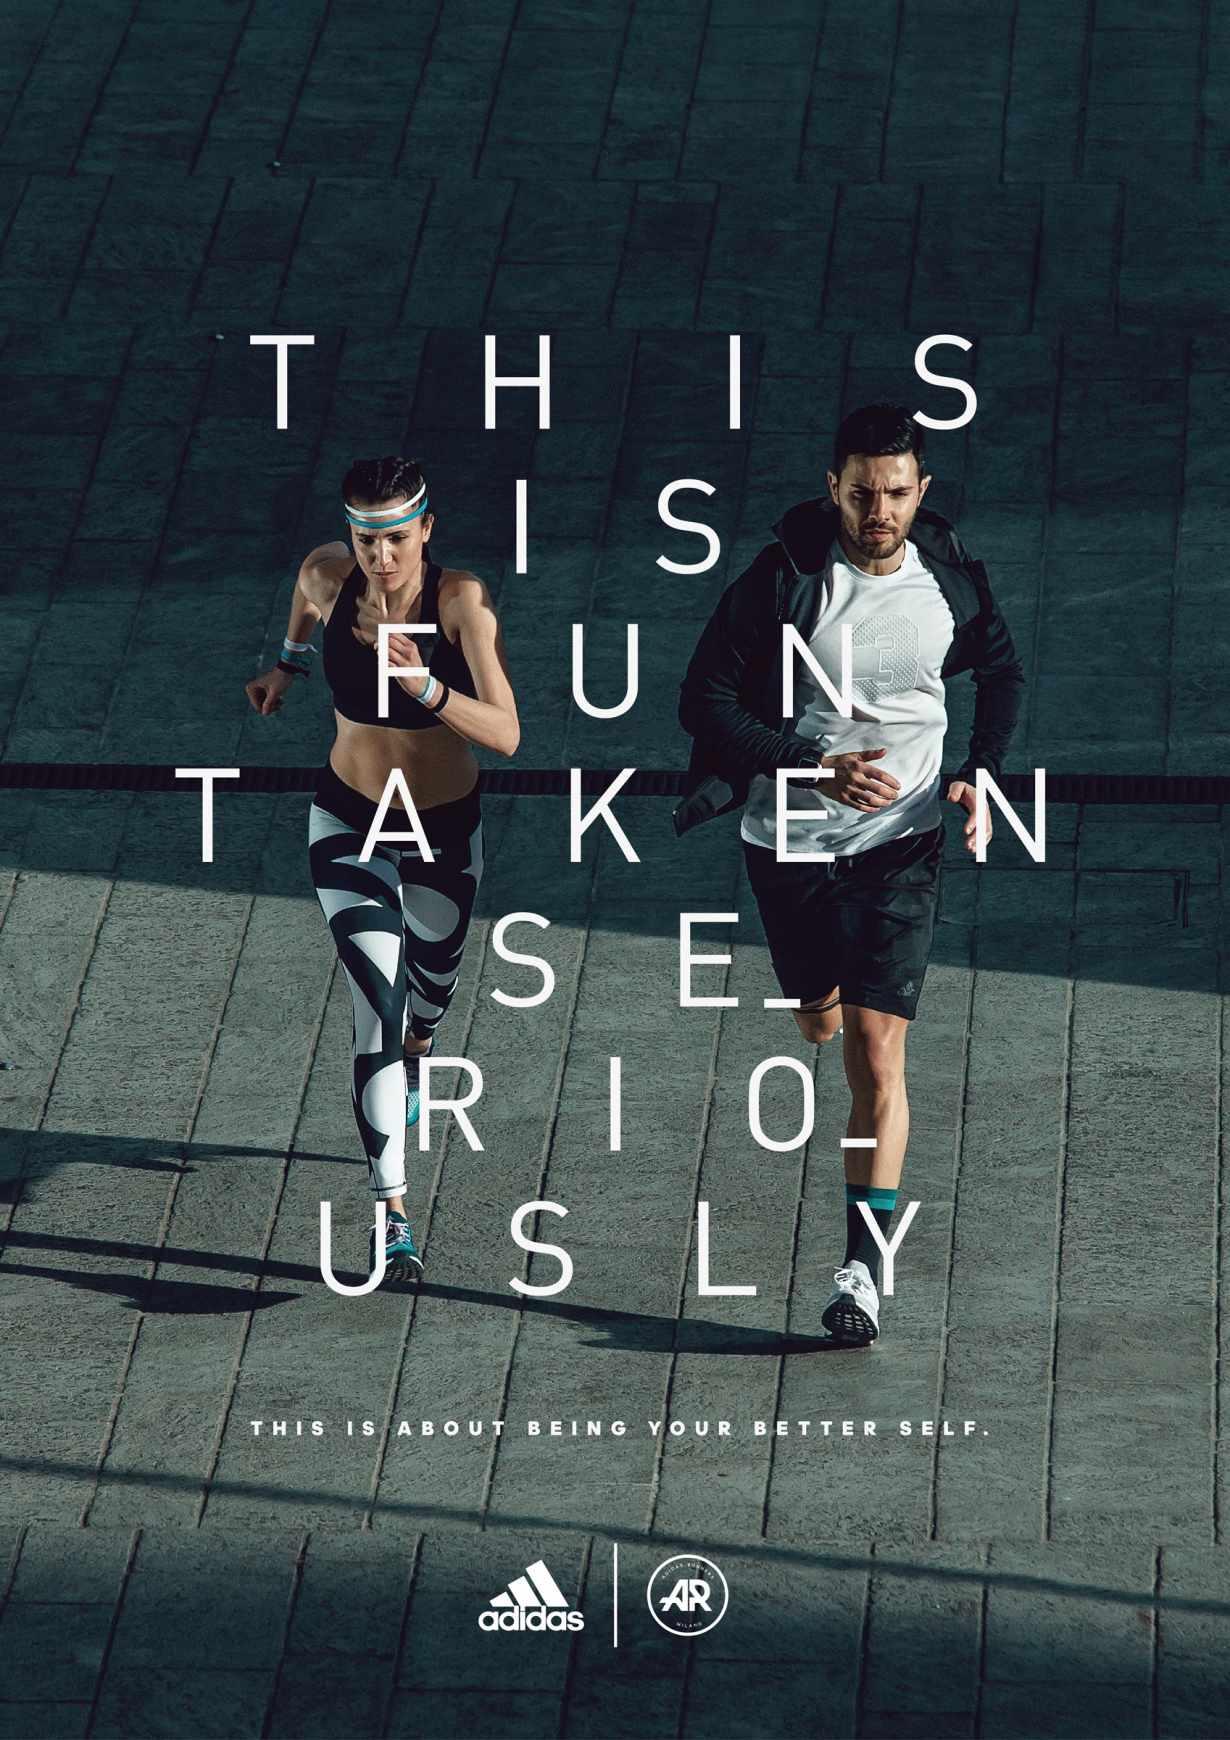 Adidas_Canon_Amnesty_i_migliori_annunci_stampa_della_settimana1